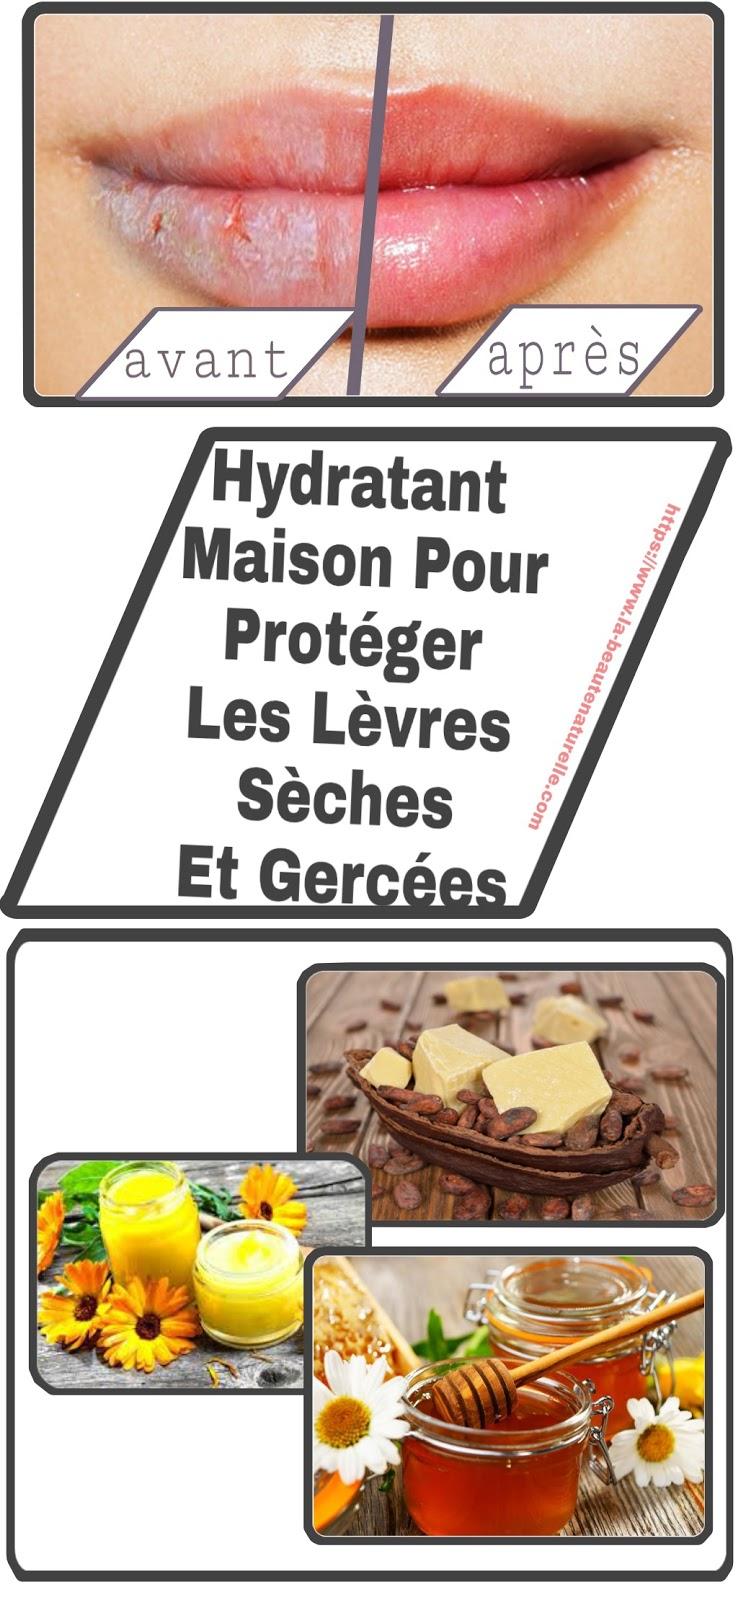 Hydratant Maison Pour Protéger Les Lèvres Sèches Et Gercées